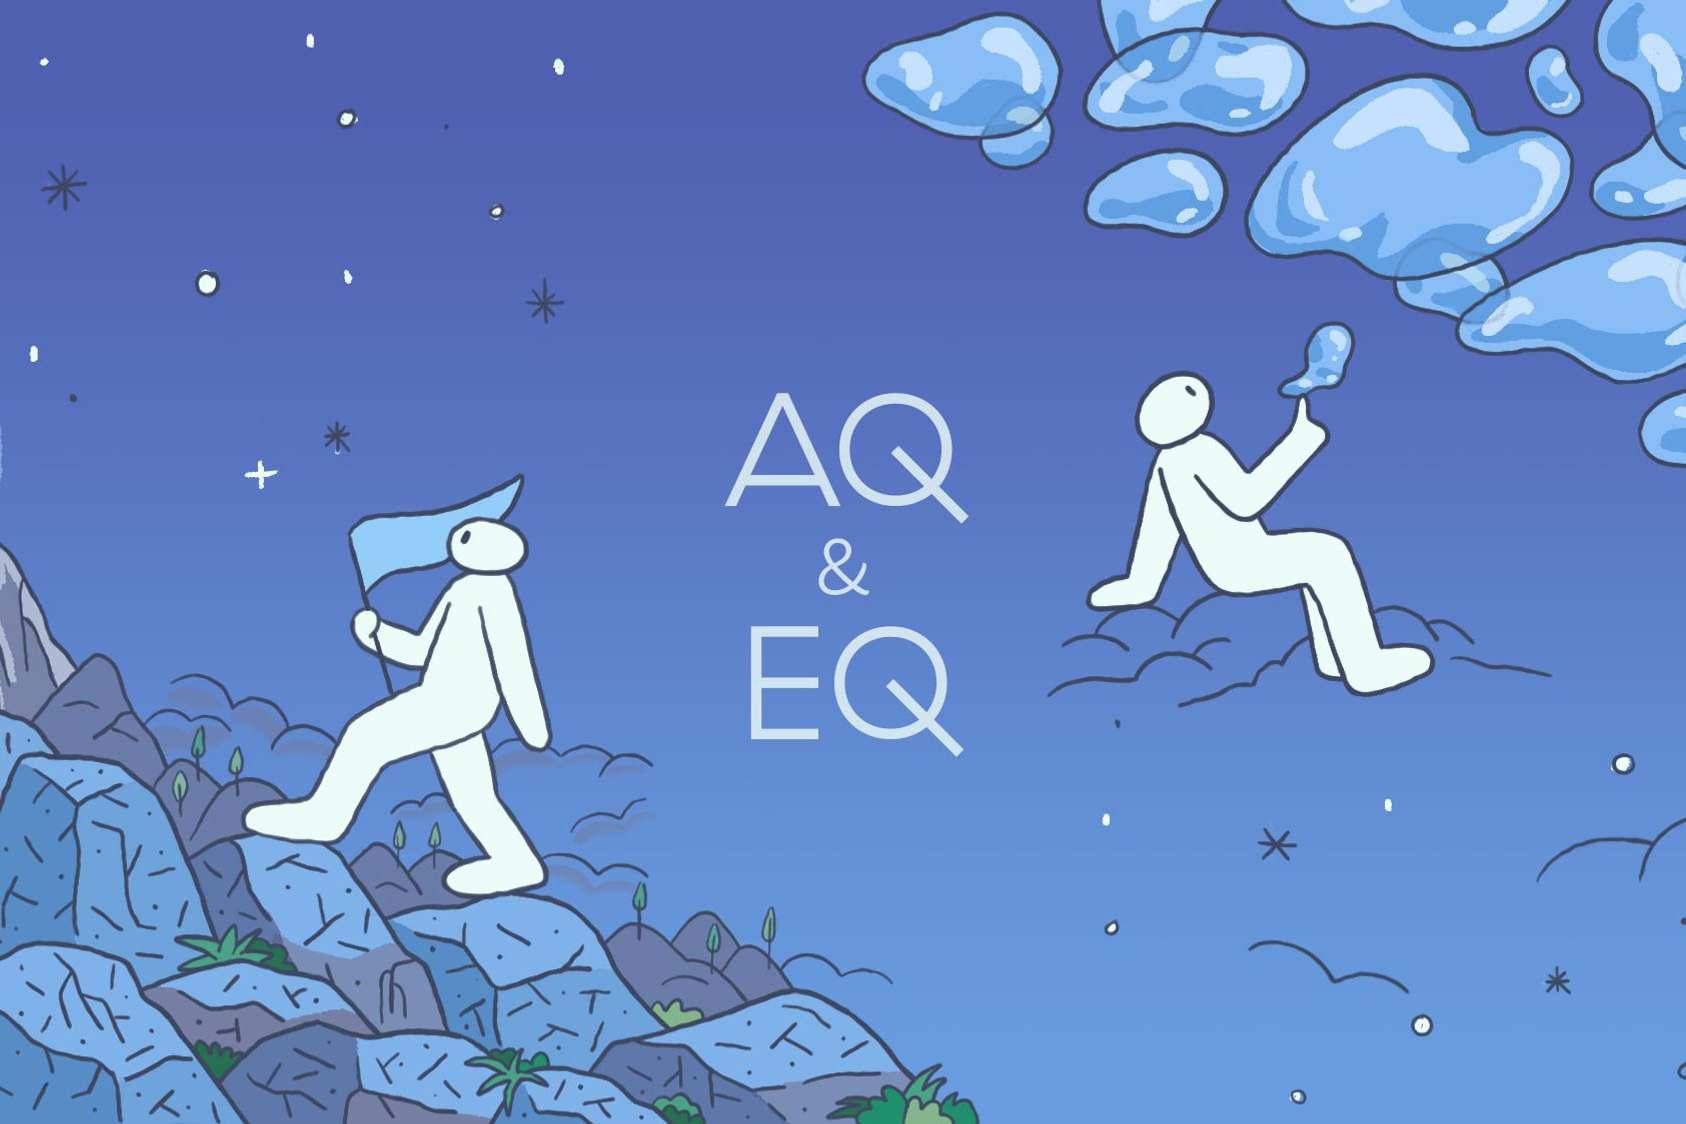 Không có IQ cao, bạn vẫn có thể thành công nhờ rèn luyện AQ và EQ